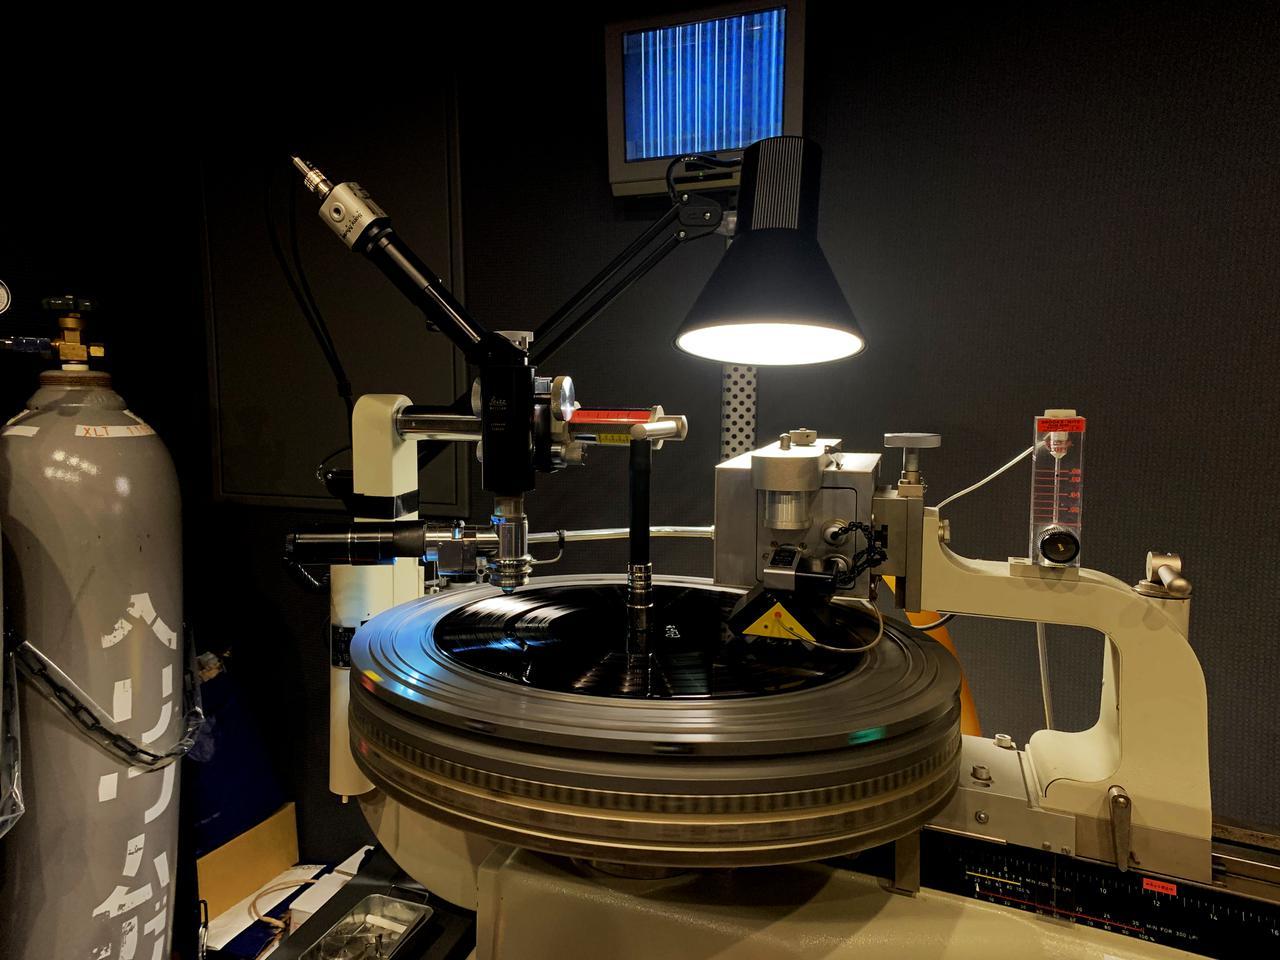 画像: 「ガルパン」アナログレコードのカッティングは、ソニー・ミュージックスタジオのノイマンVMS70で行なった。写真上部のモニターにはアナログレコードの溝の拡大映像が見える。